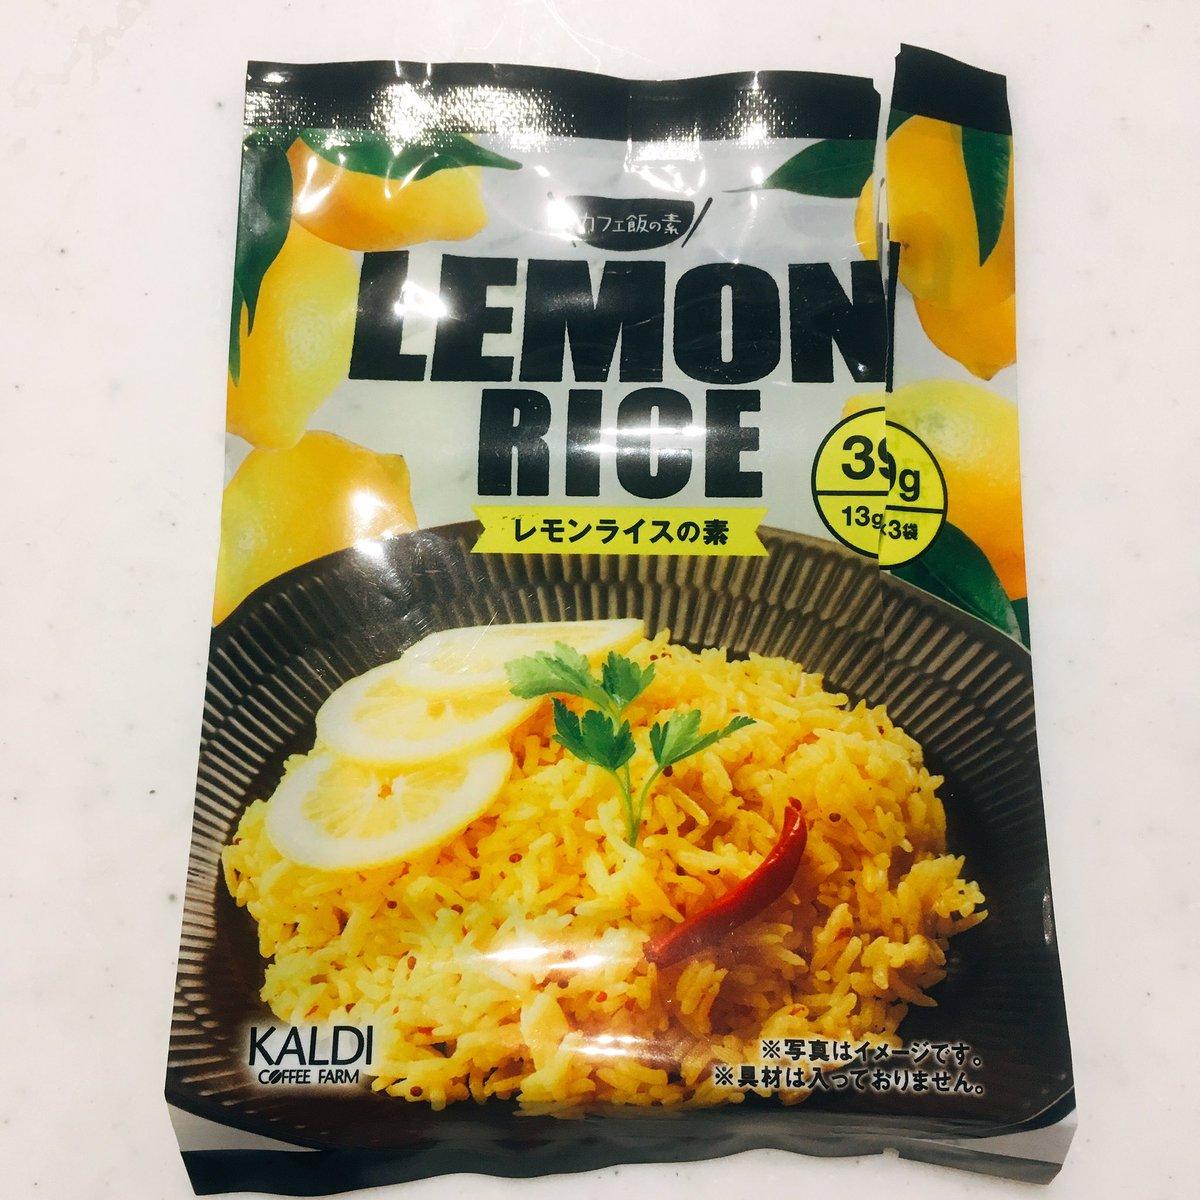 test ツイッターメディア - 今日のお弁当、 レモンライス、ささみフライ、甘い梅(梅ジュースにつけてた梅)、中華サラダ、塩茹でソラマメ(前に紹介した冷凍の。自然解凍で入れるだけでも⭕️) カルディで買ったレモンライスの素と旨辛だれ。旨辛だれ、フライにかけたらヤンニョムな感じですごくおいしかった! https://t.co/nCFDT7YR0r